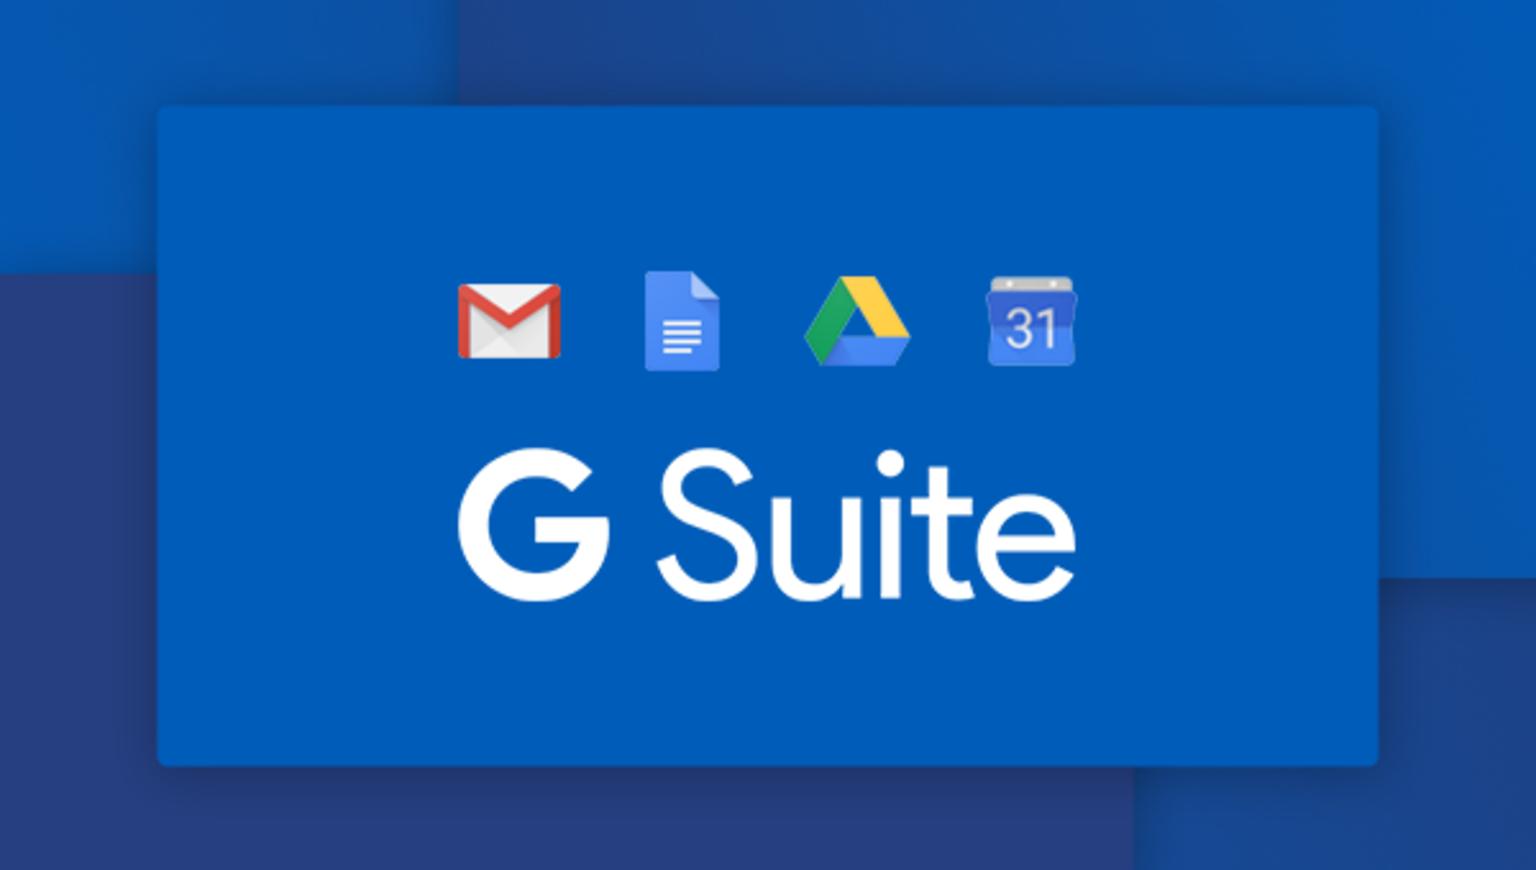 G Suite integrates eSignatures